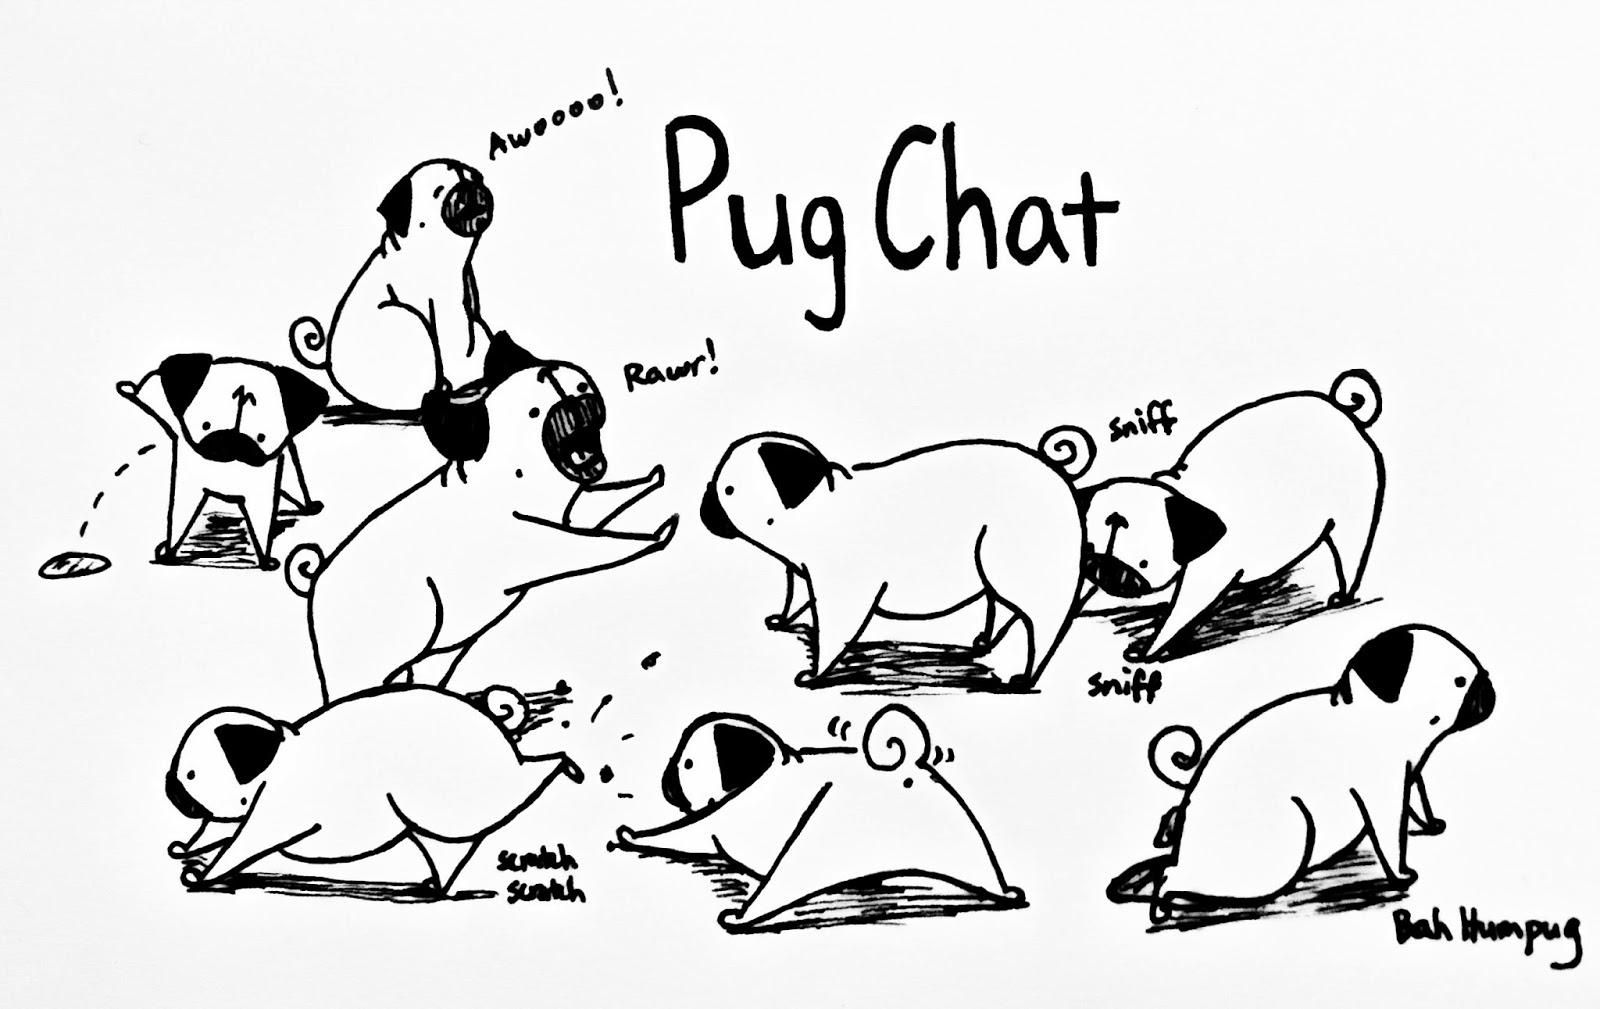 Drawn pug poo Use February hosts on hour